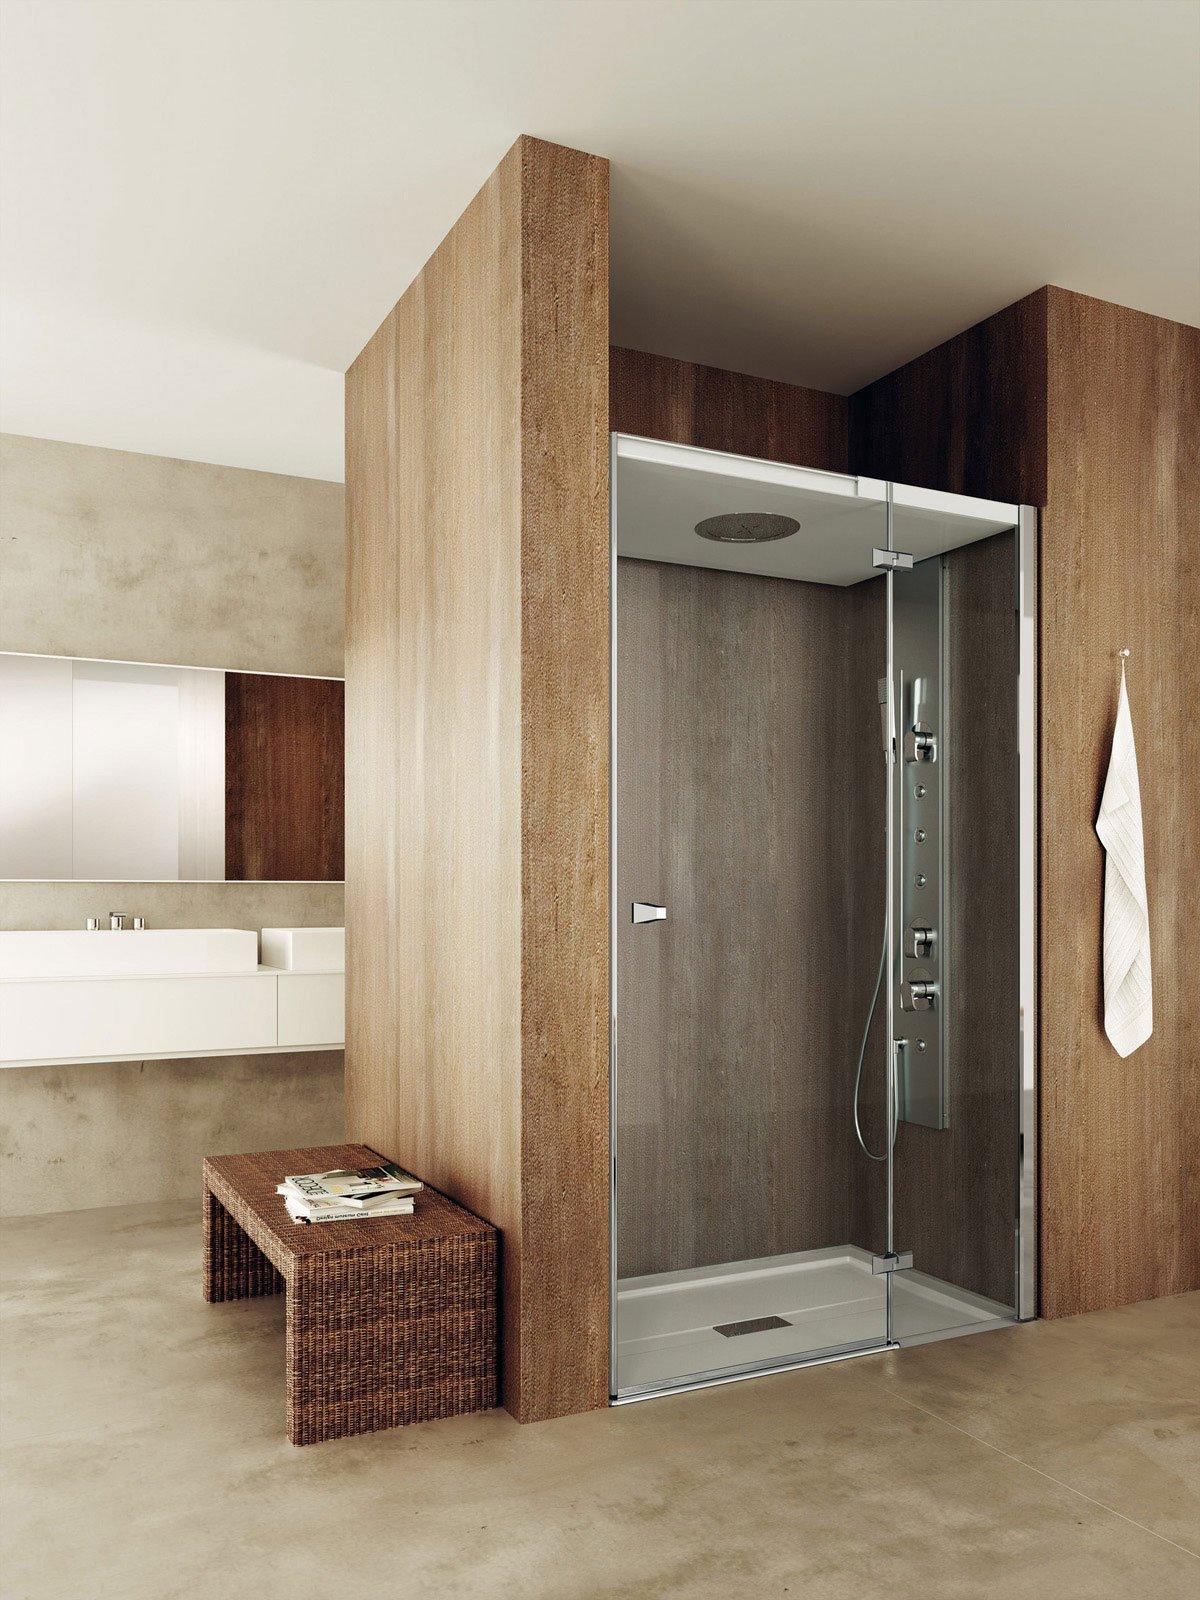 Porte doccia nicchia: porta per doccia a nicchia da 100 cm   tre ...